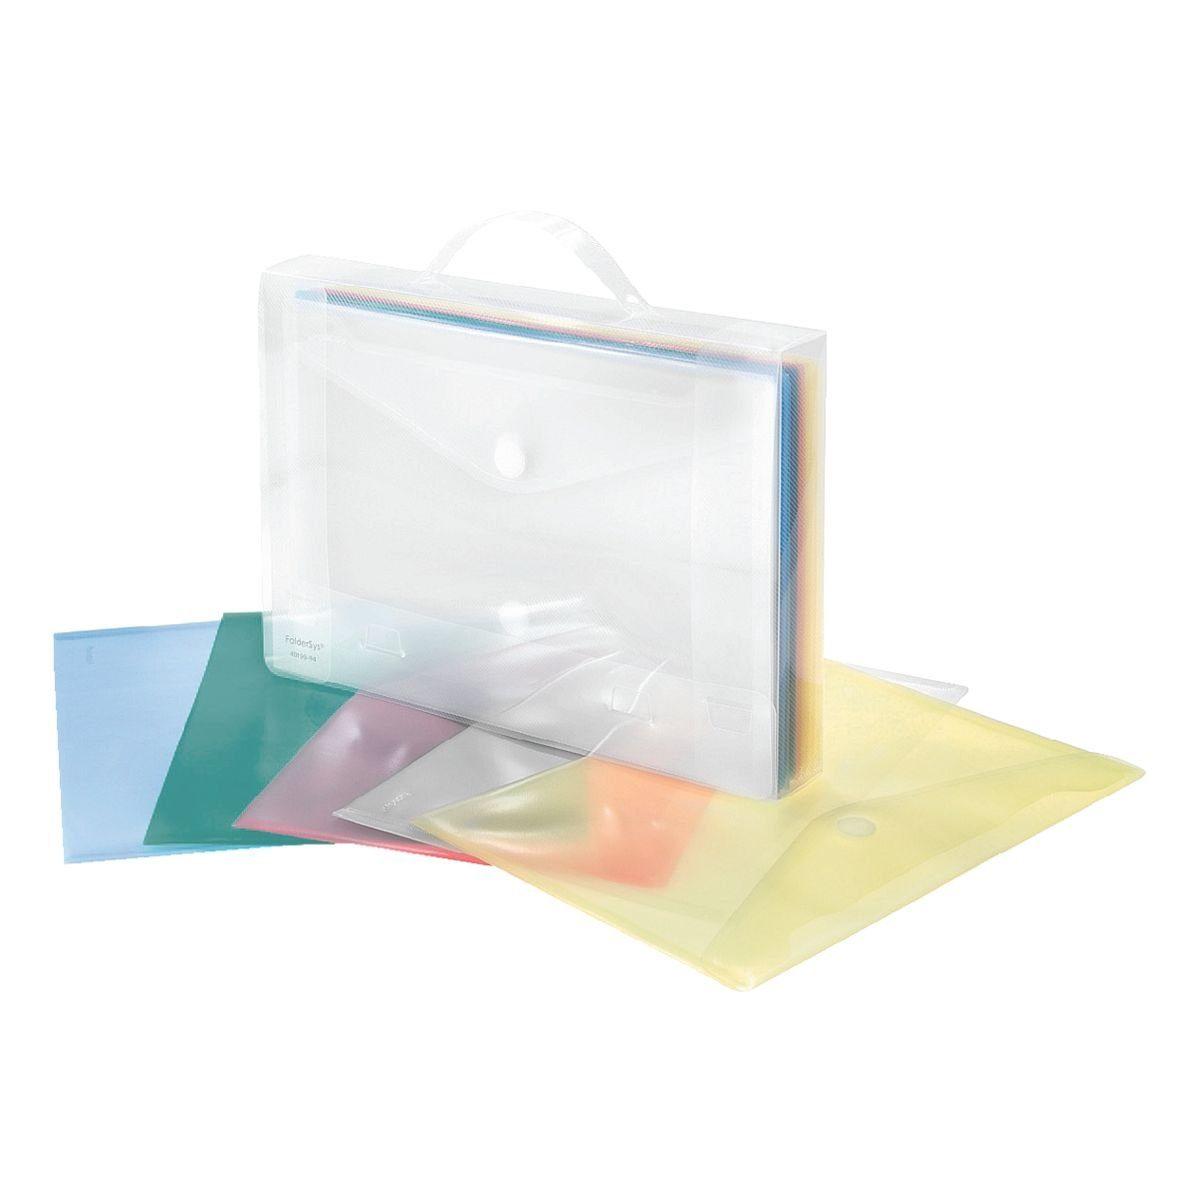 Foldersys Aktentasche mit Dokumententaschen